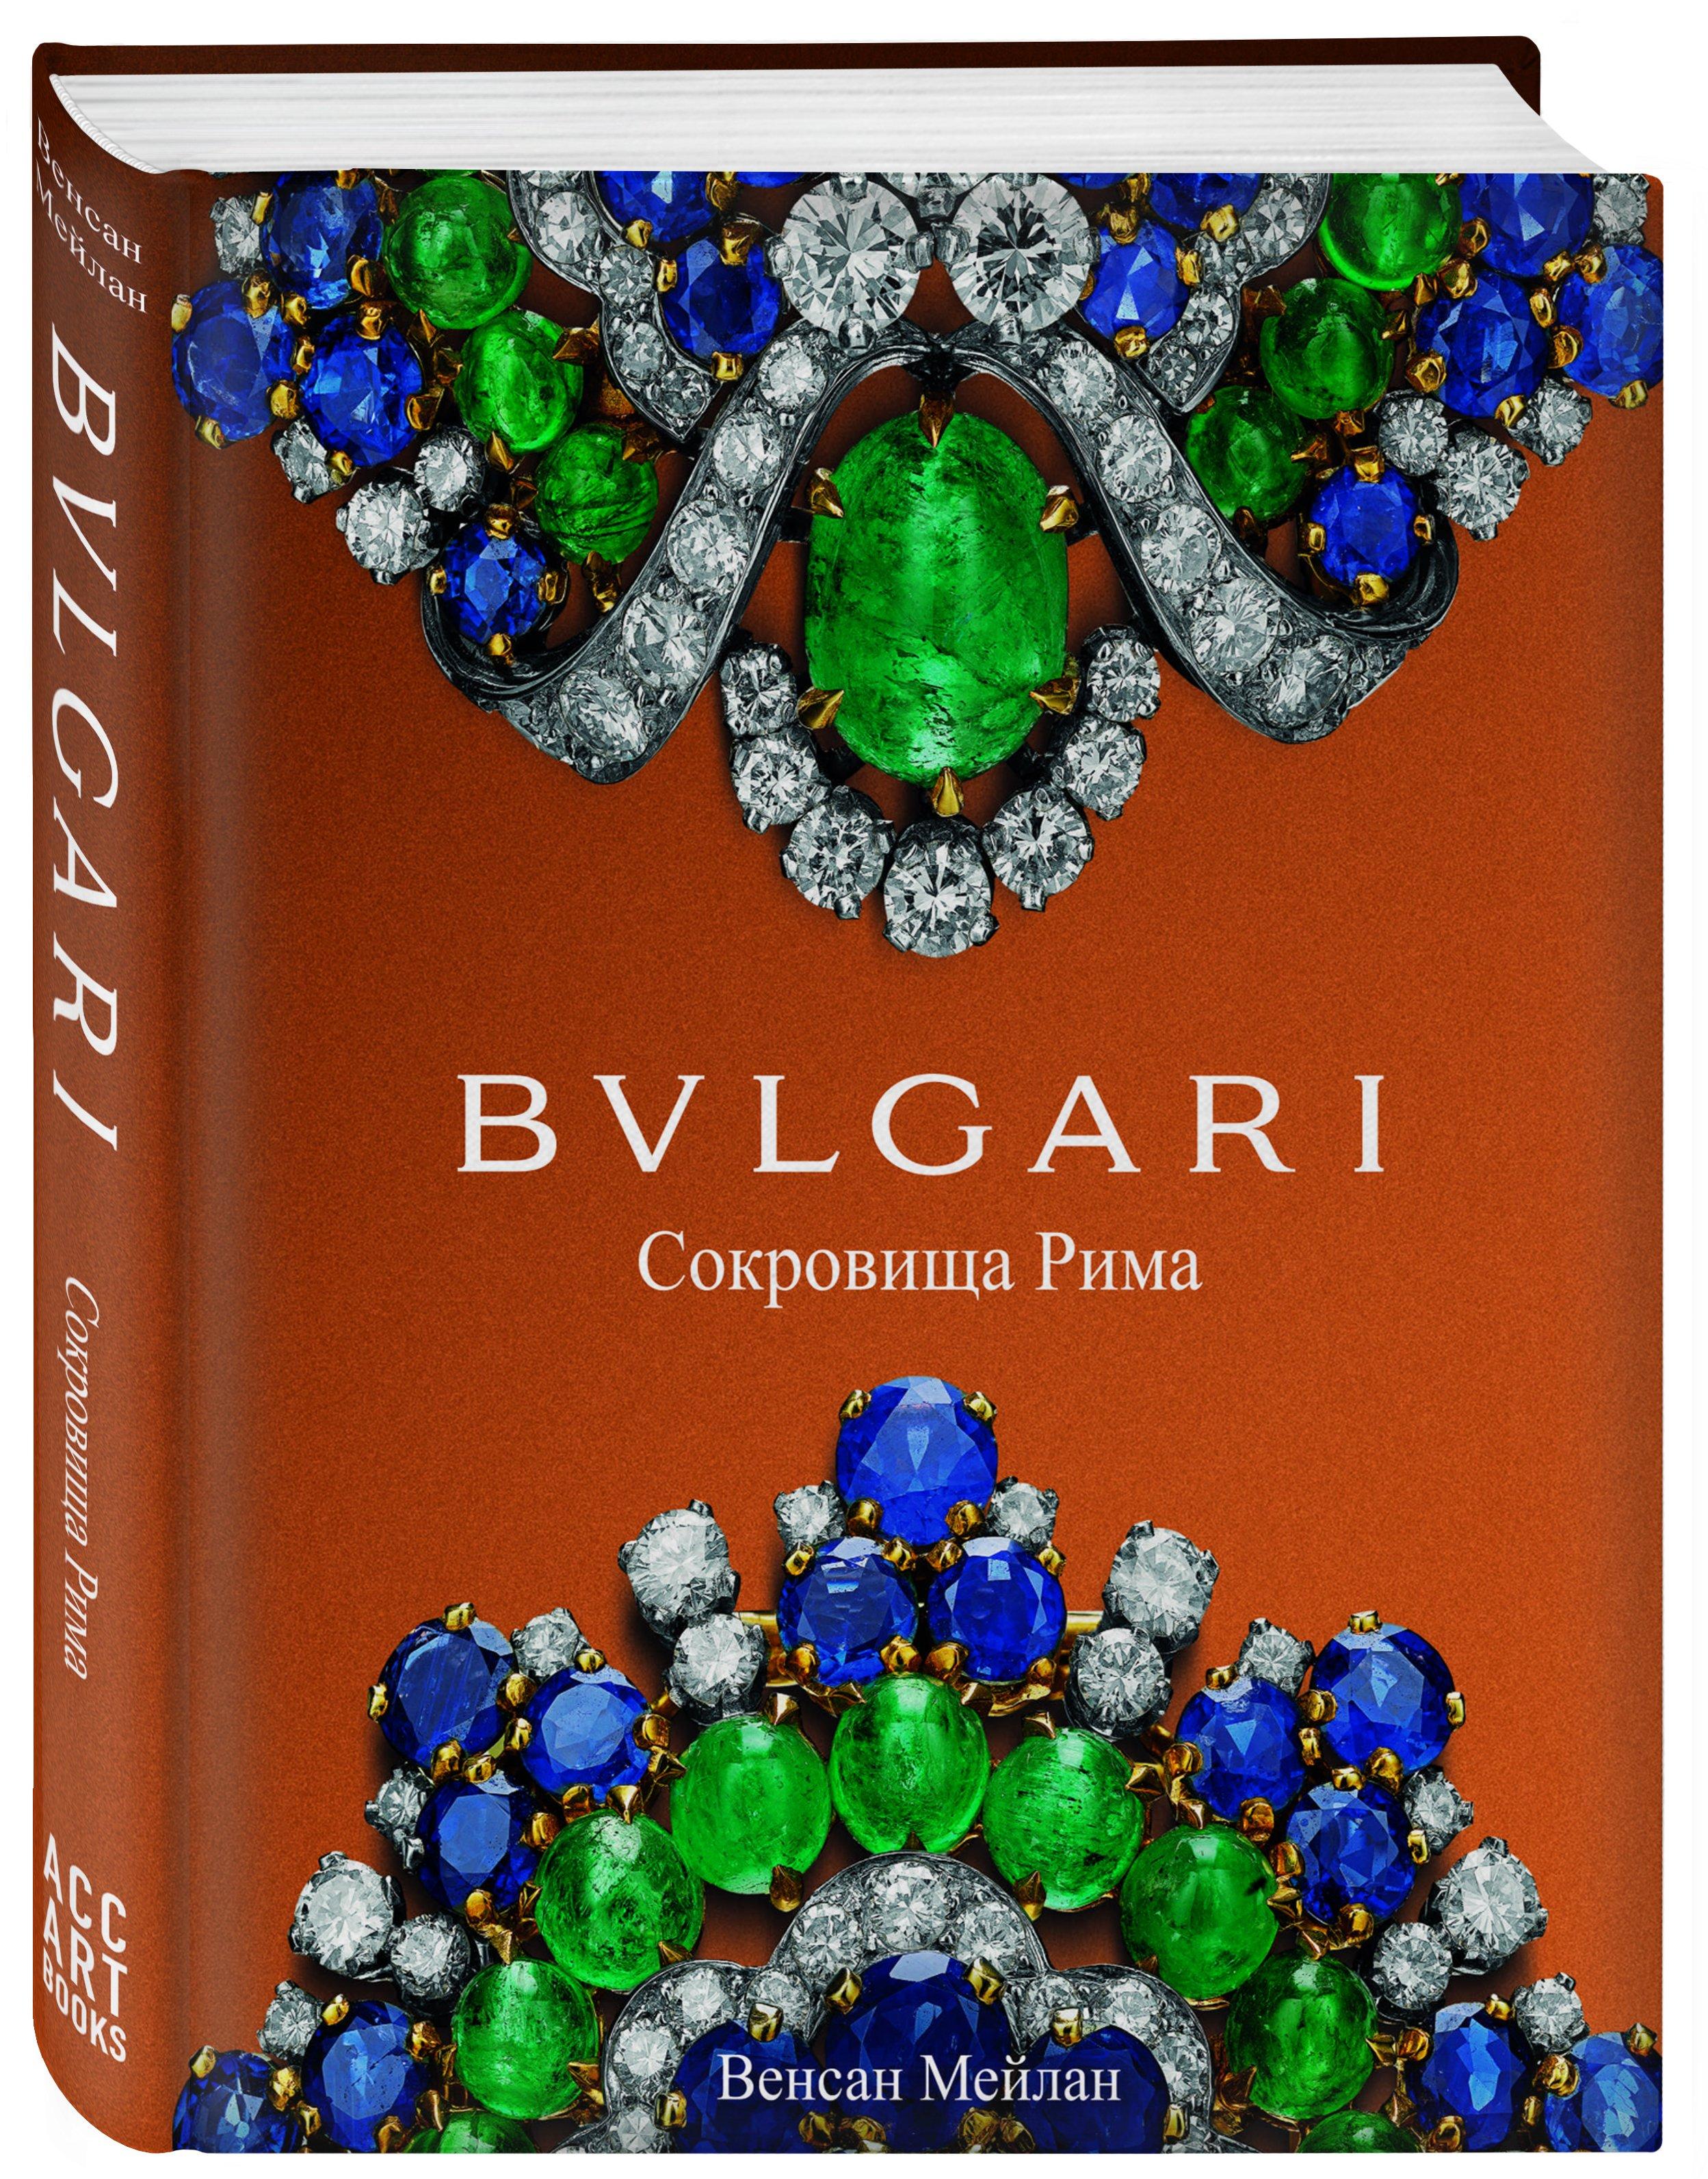 Мейлан Венсан BVLGARI. Сокровища Рима bulgari bb collection